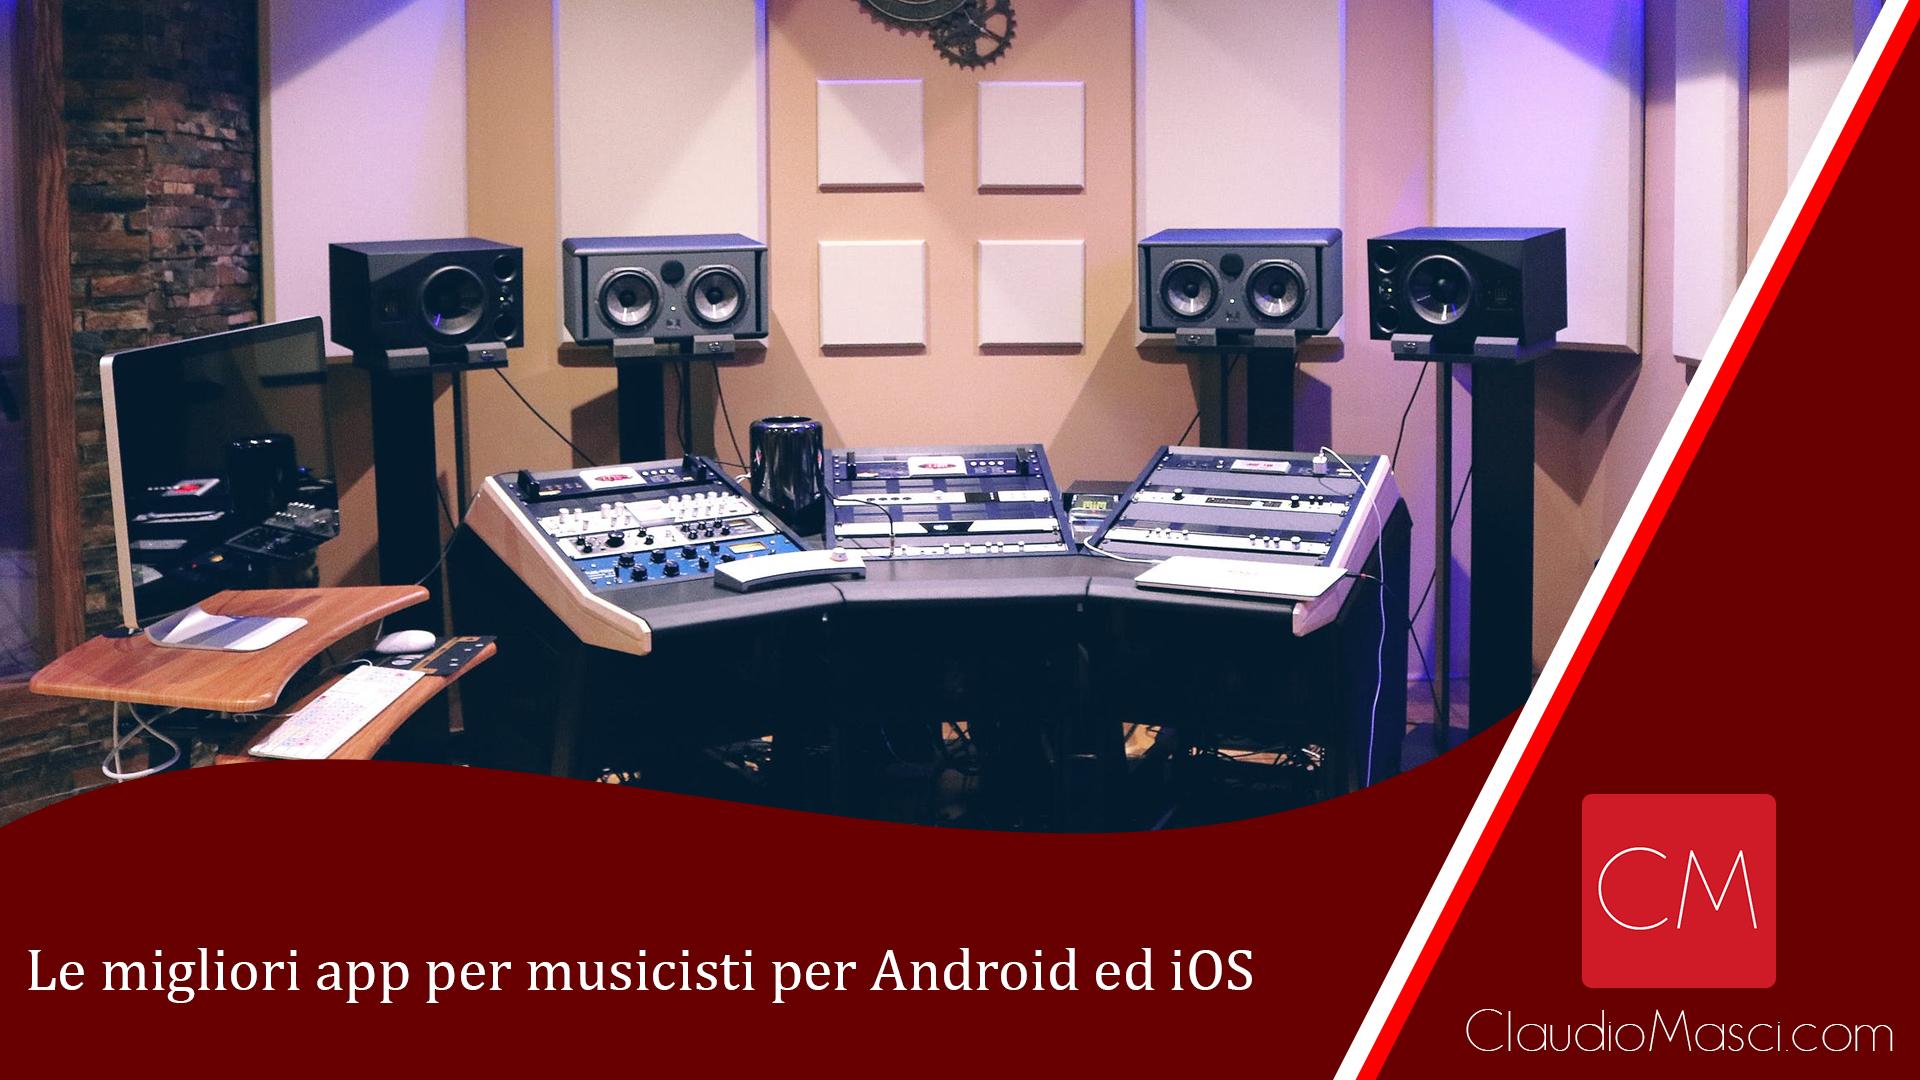 Le migliori app per musicisti per Android ed iOS